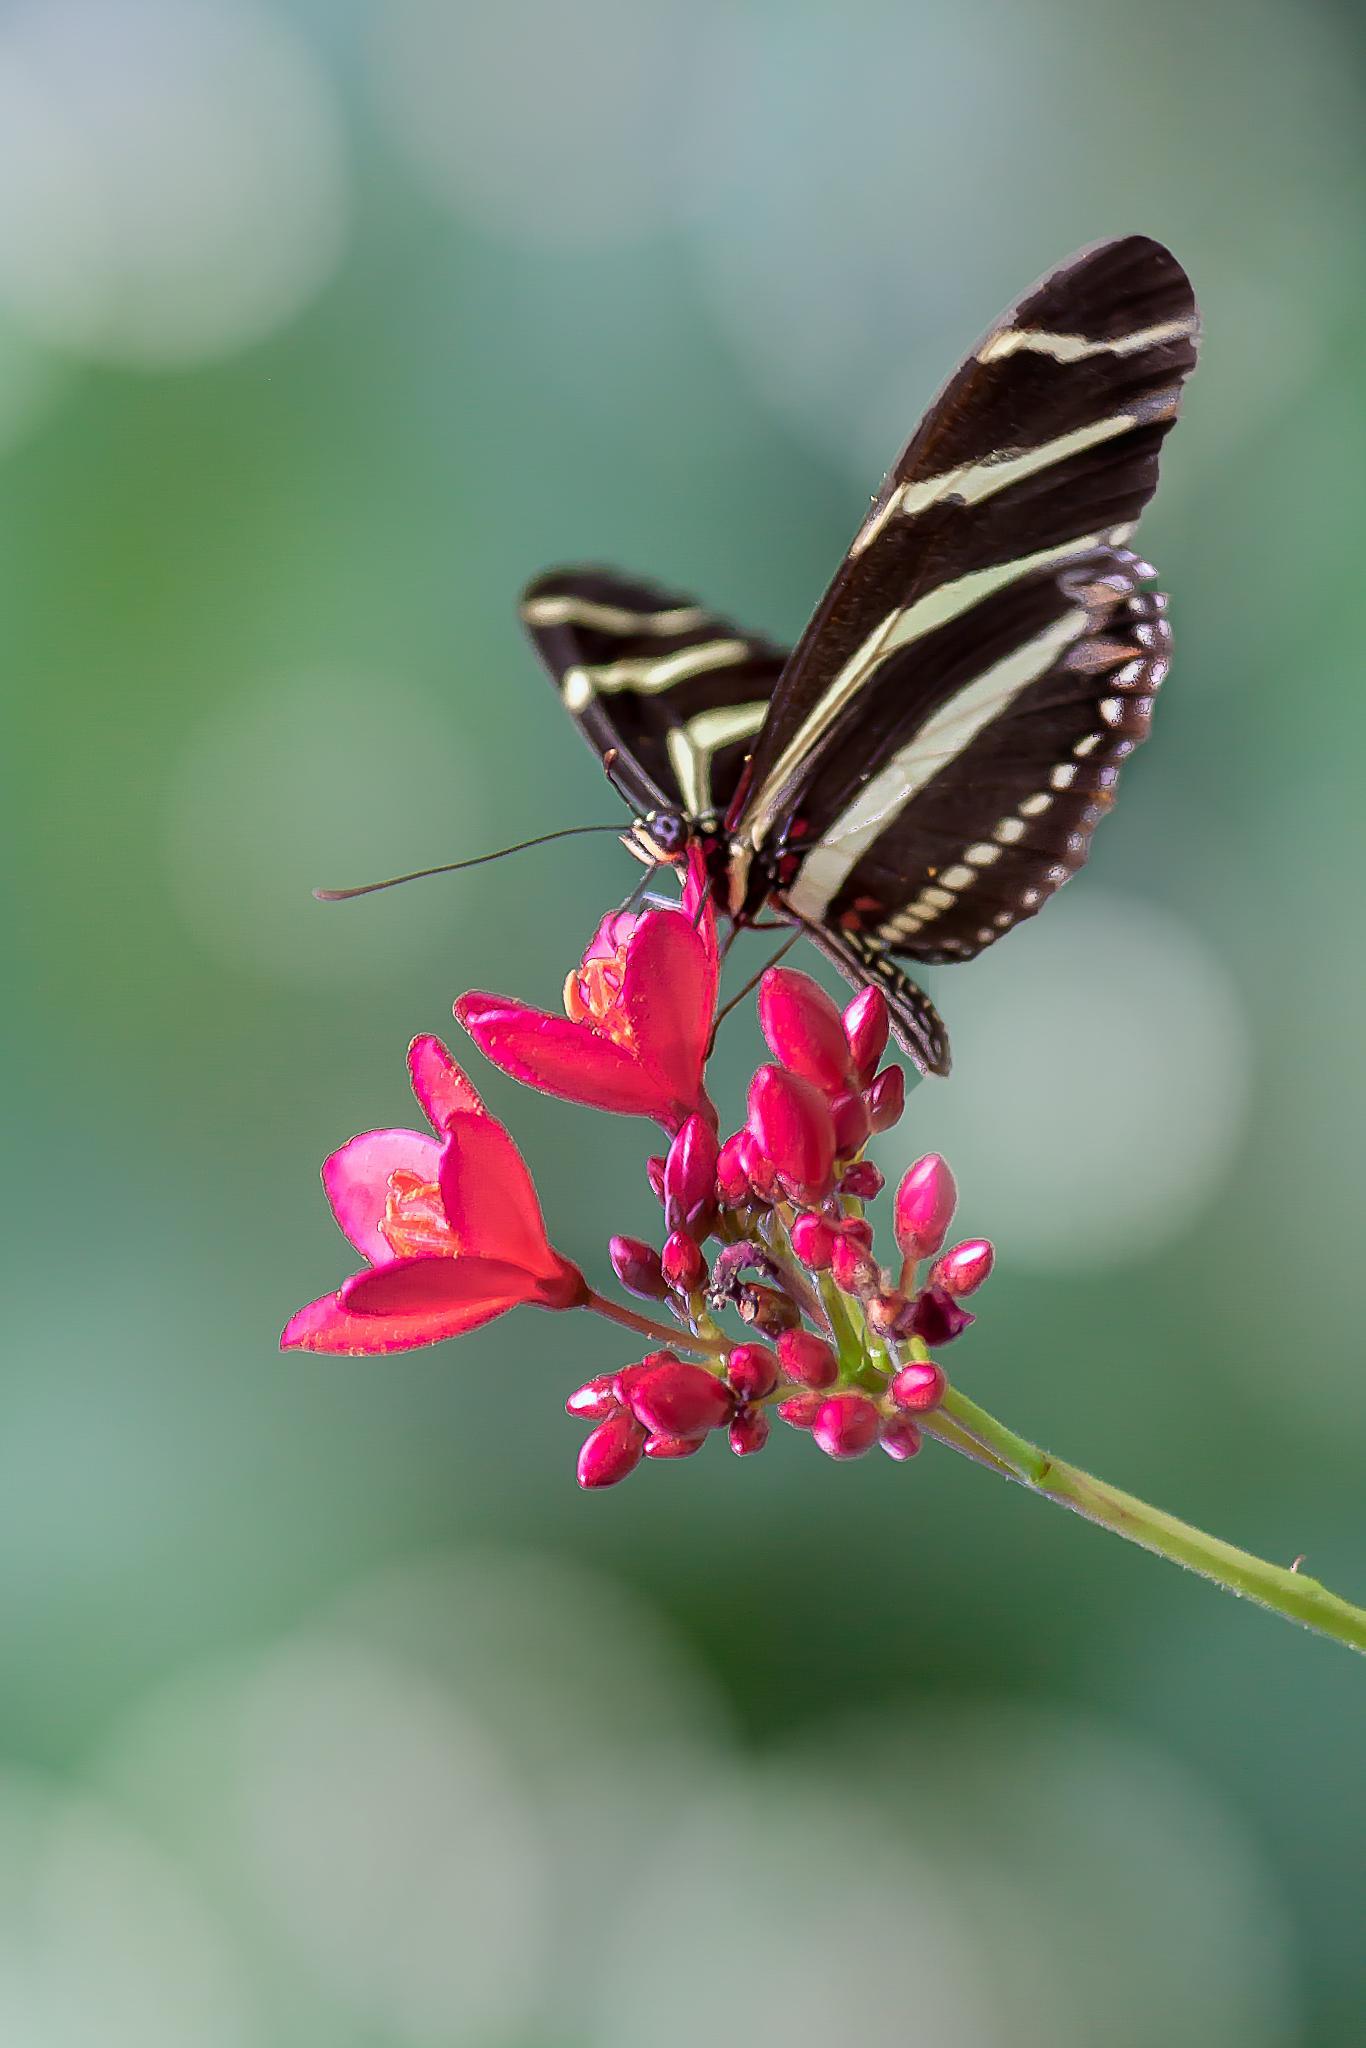 Butterfly 32 - Zebra by Tony Guzman